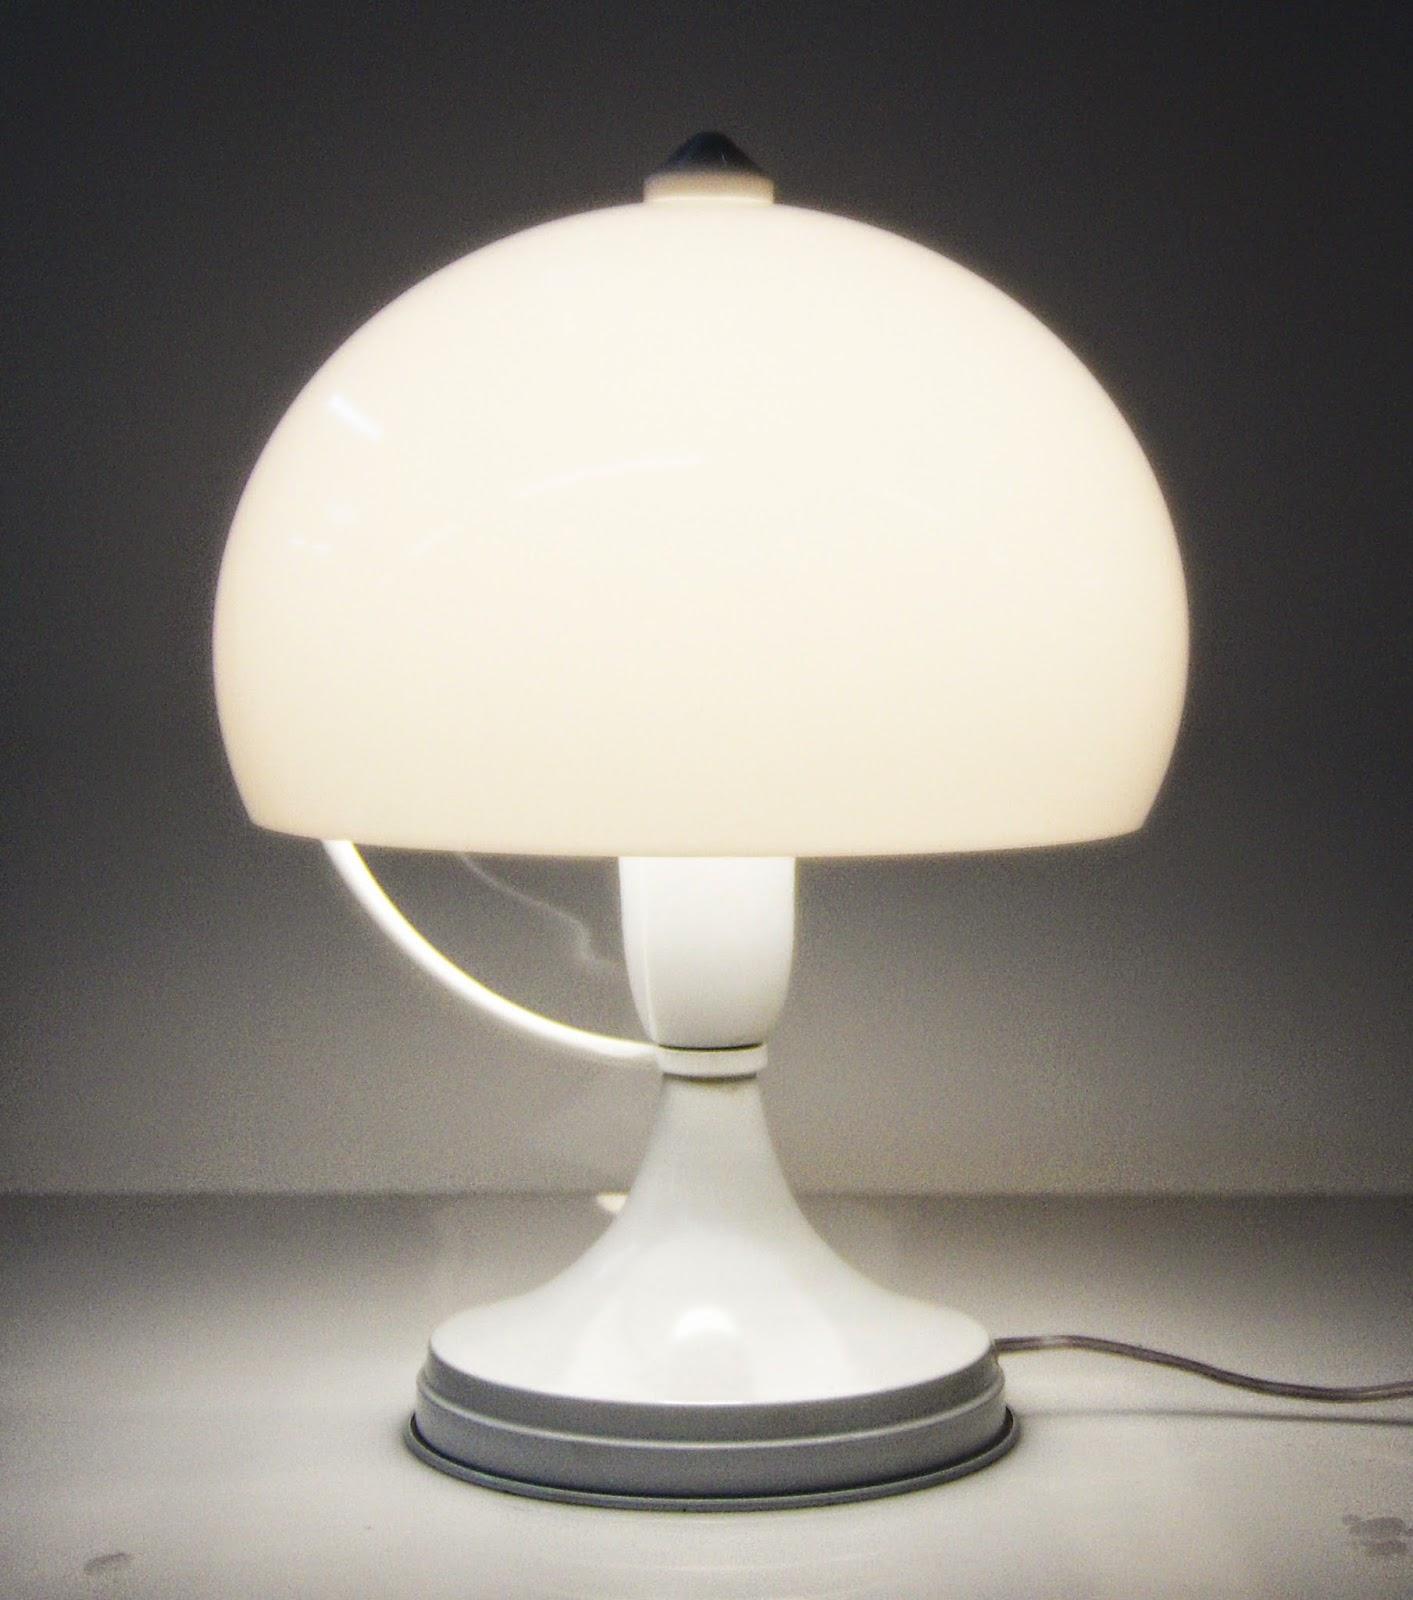 Ludica iluminacion lamparas de acrilico de techo colgantes - Lamparas caseras originales ...